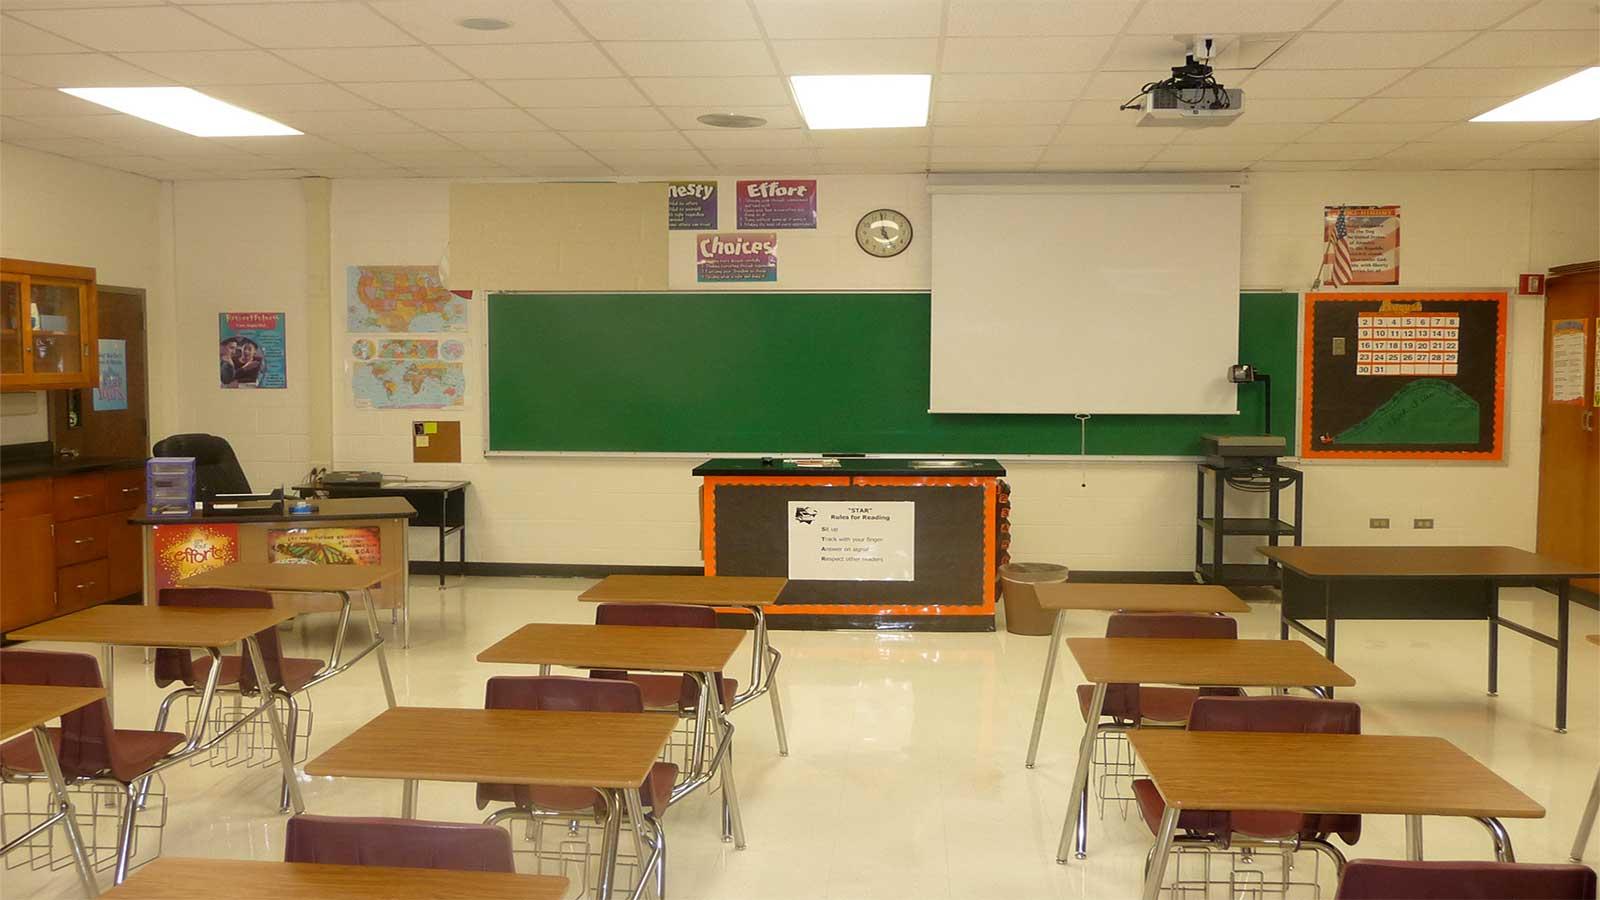 محیط مدرسه و تاثیر آن بر دانش آموز